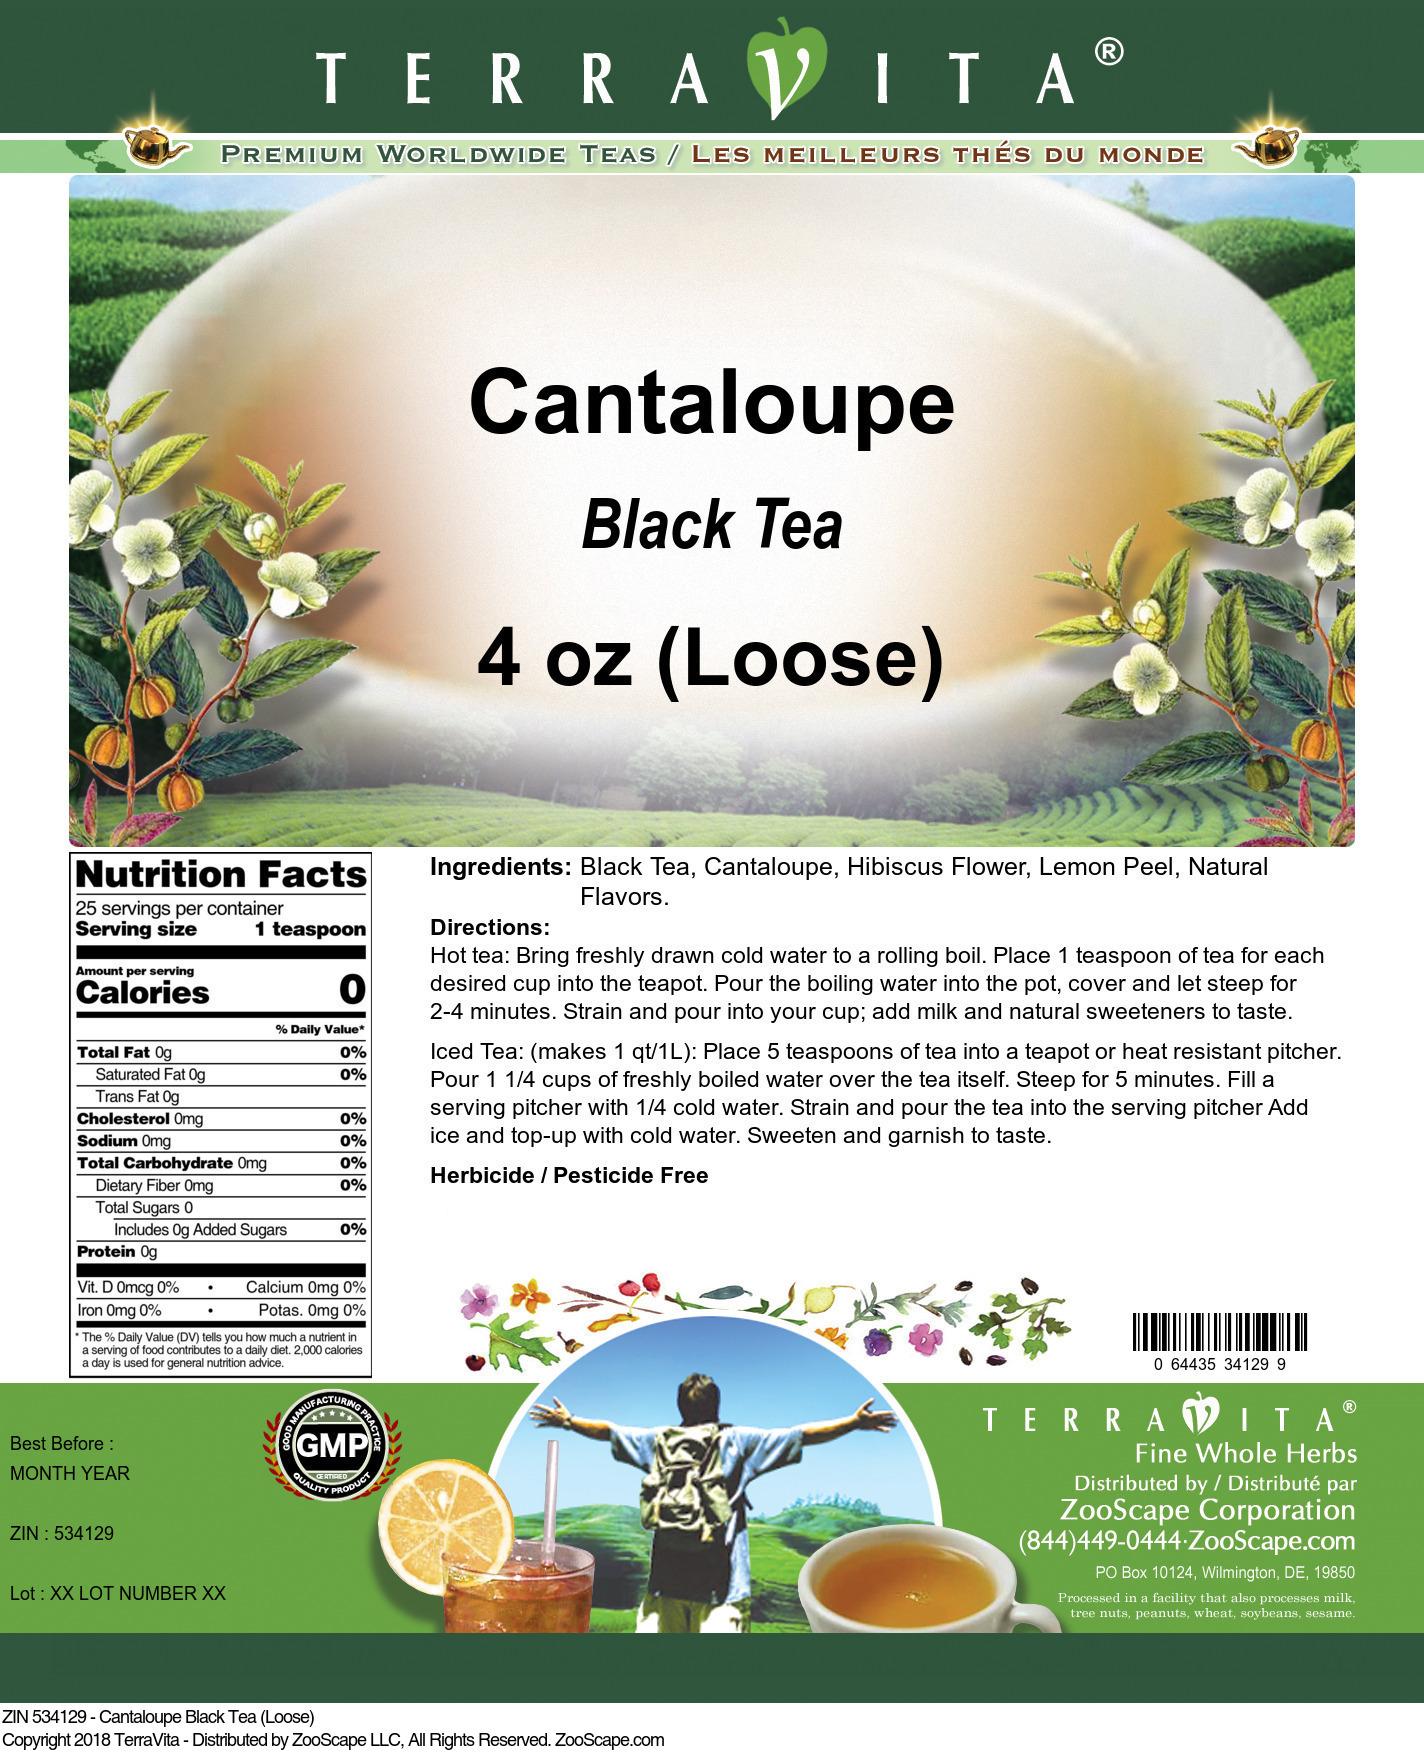 Cantaloupe Black Tea (Loose)